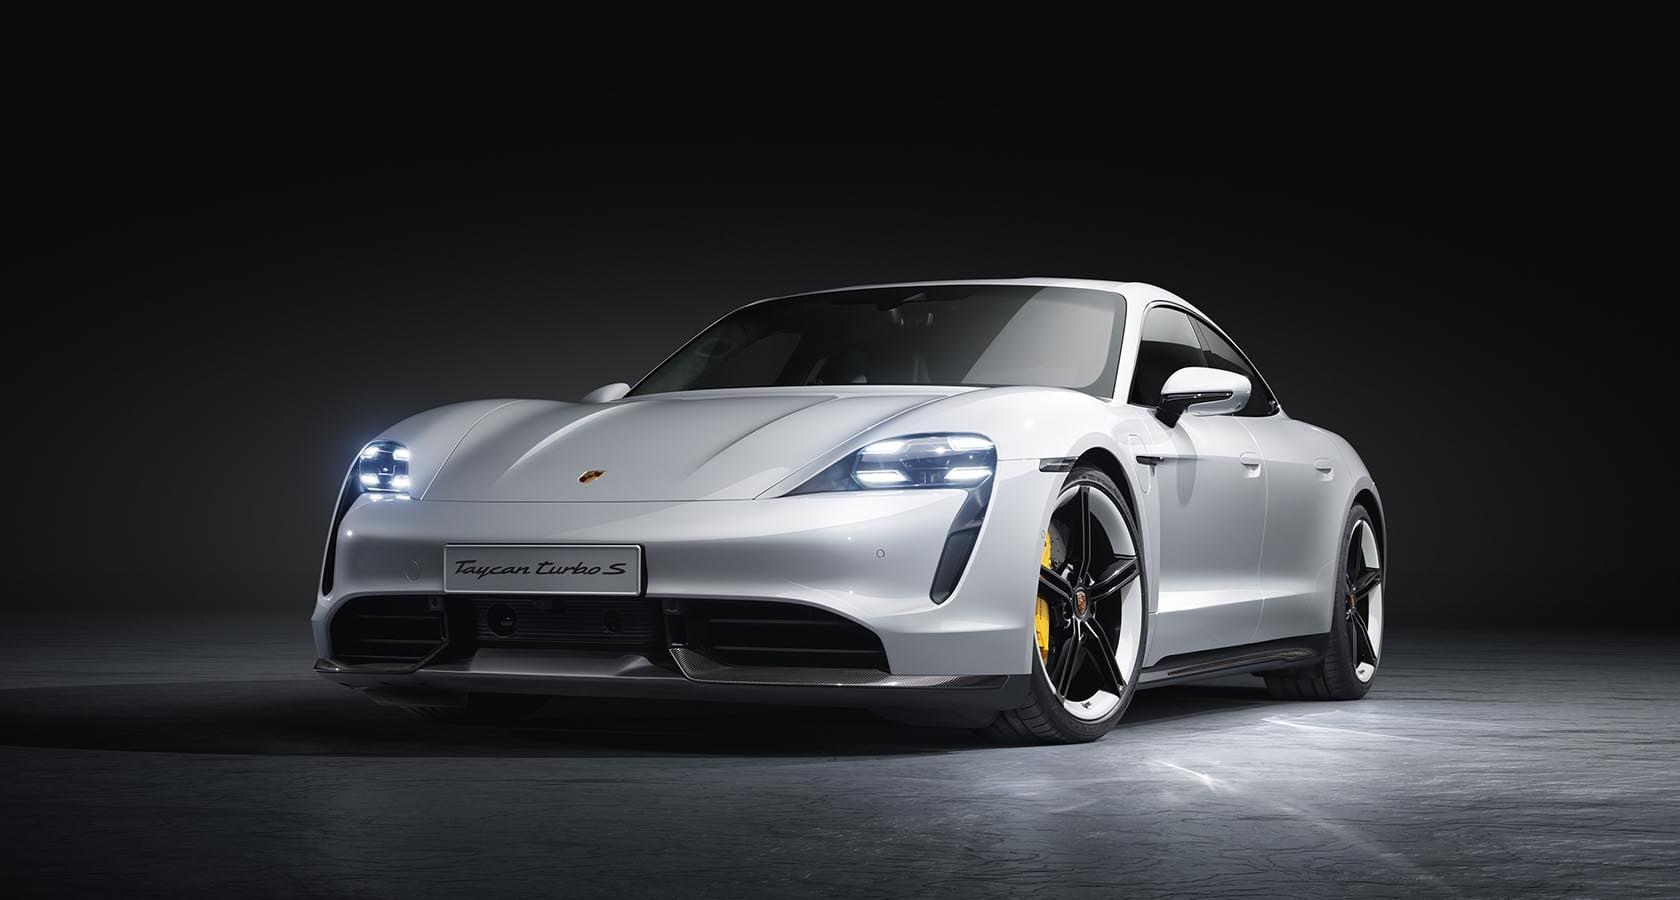 Le Porsche Centre Tunis et Ennakl Automobiles